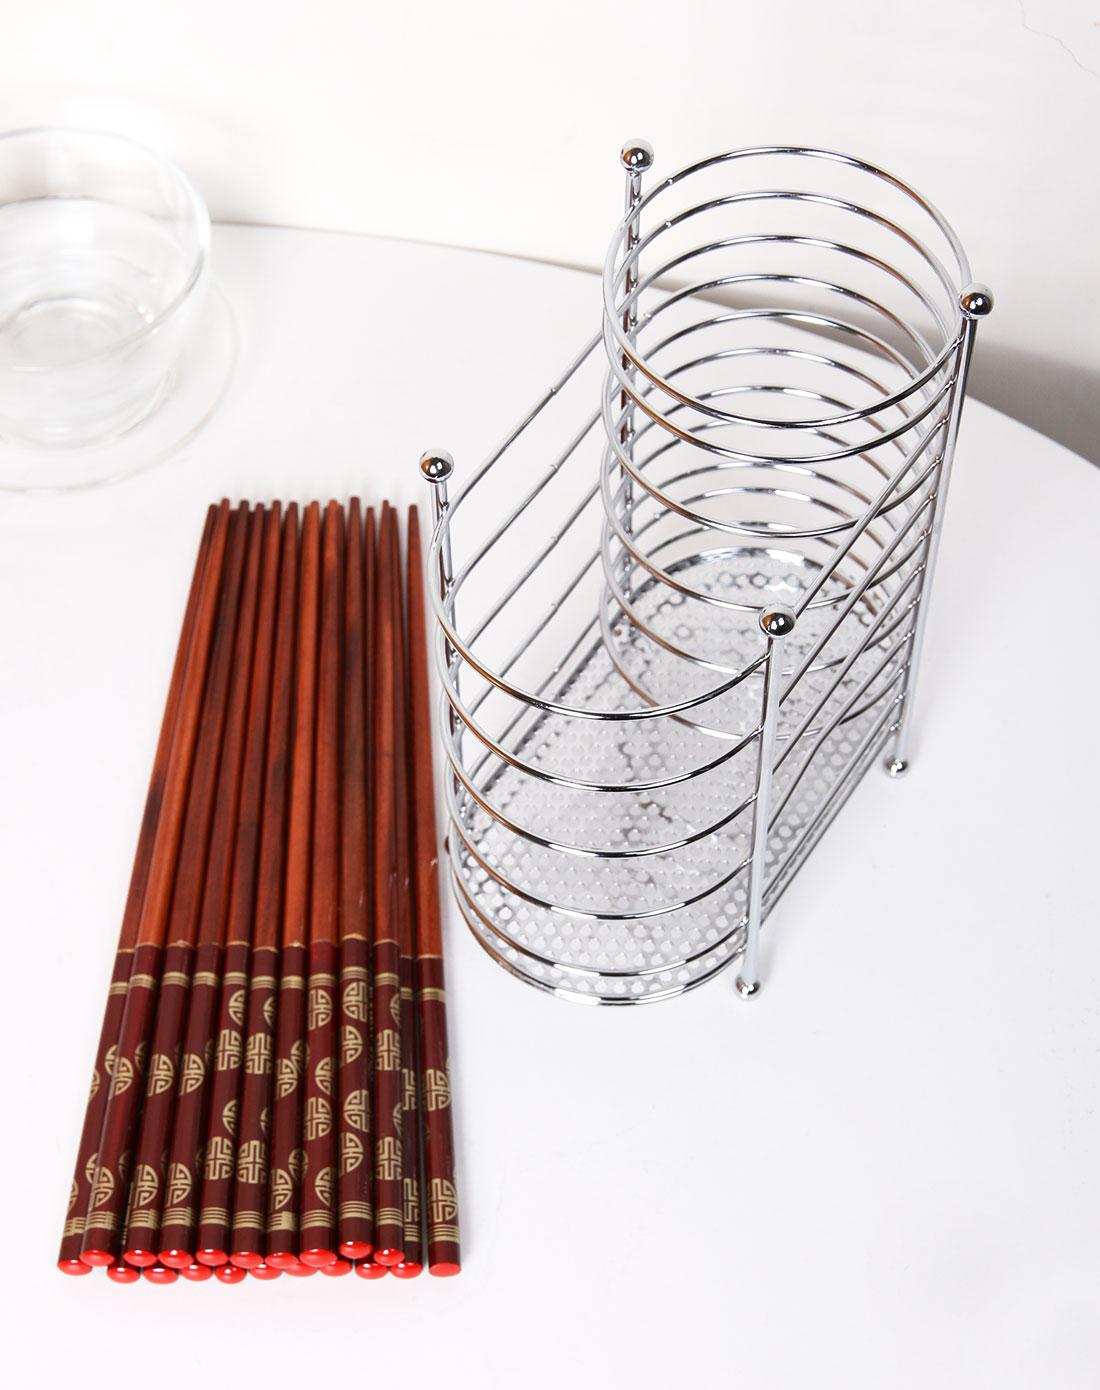 福临门实木筷10入红色 银色金属筷筒